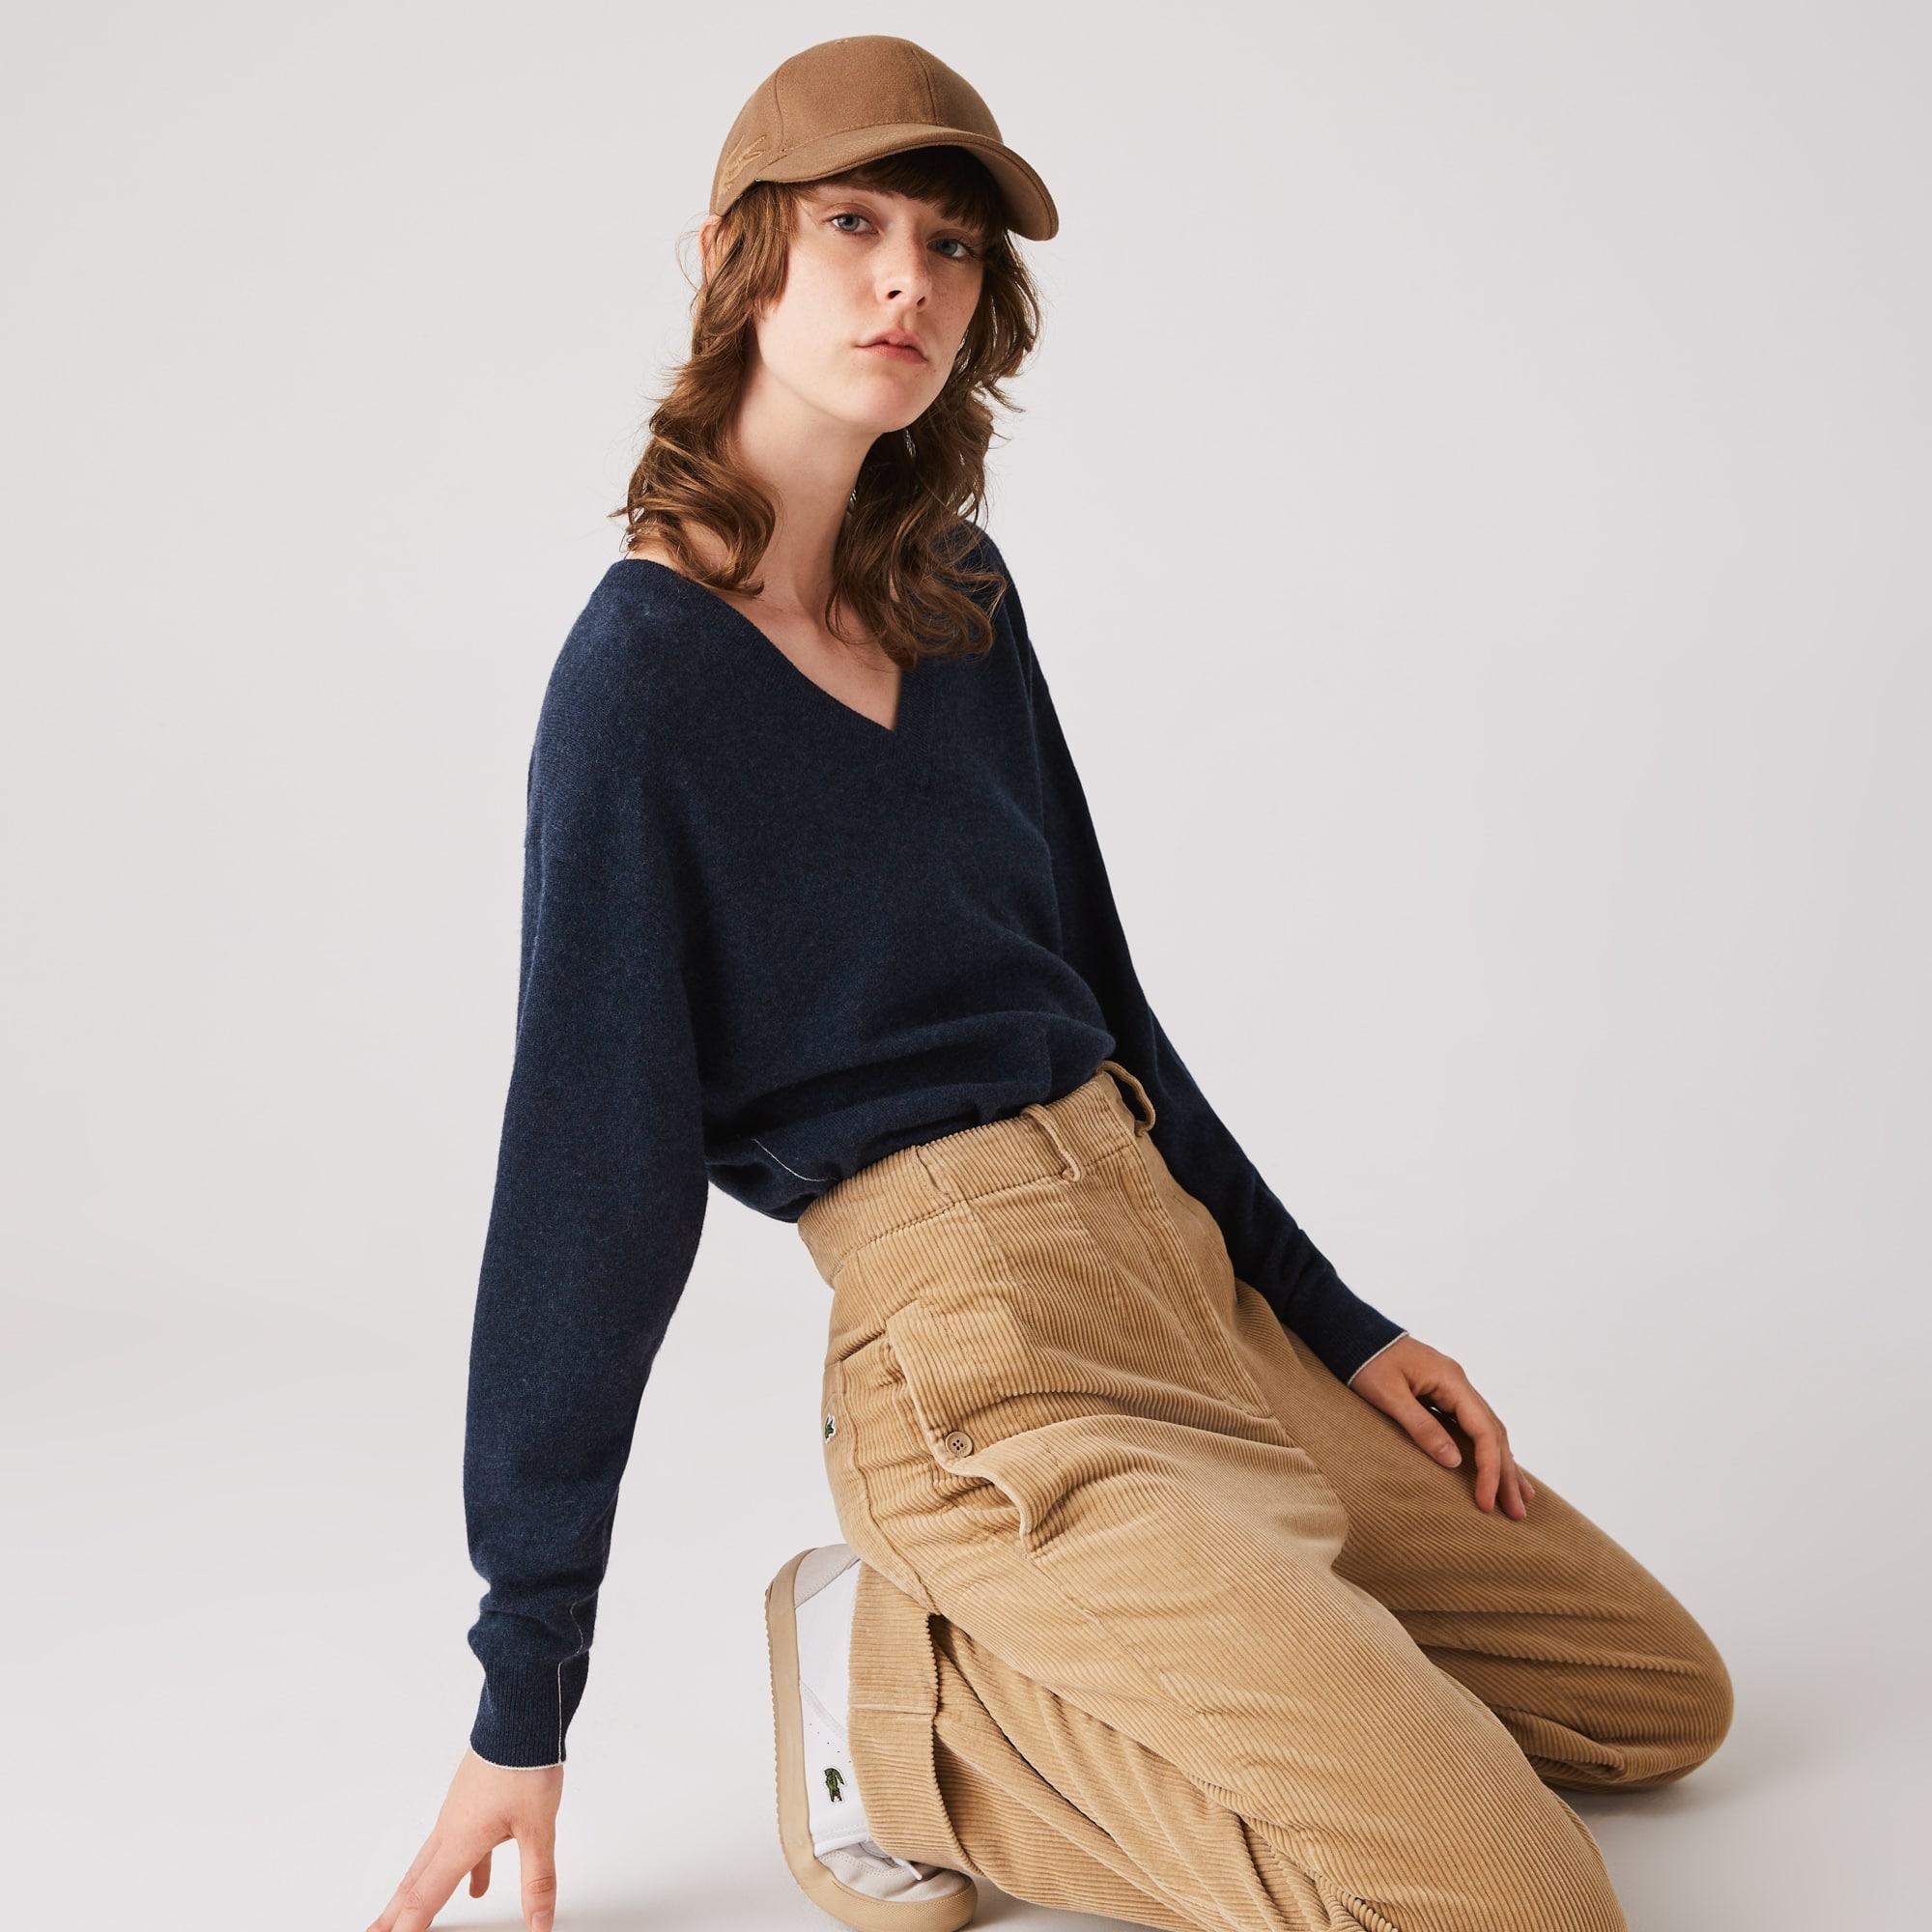 라코스테 우먼 브이넥 울 스웨터 - 2 컬러 Lacoste Womens V-neck Wool Sweater